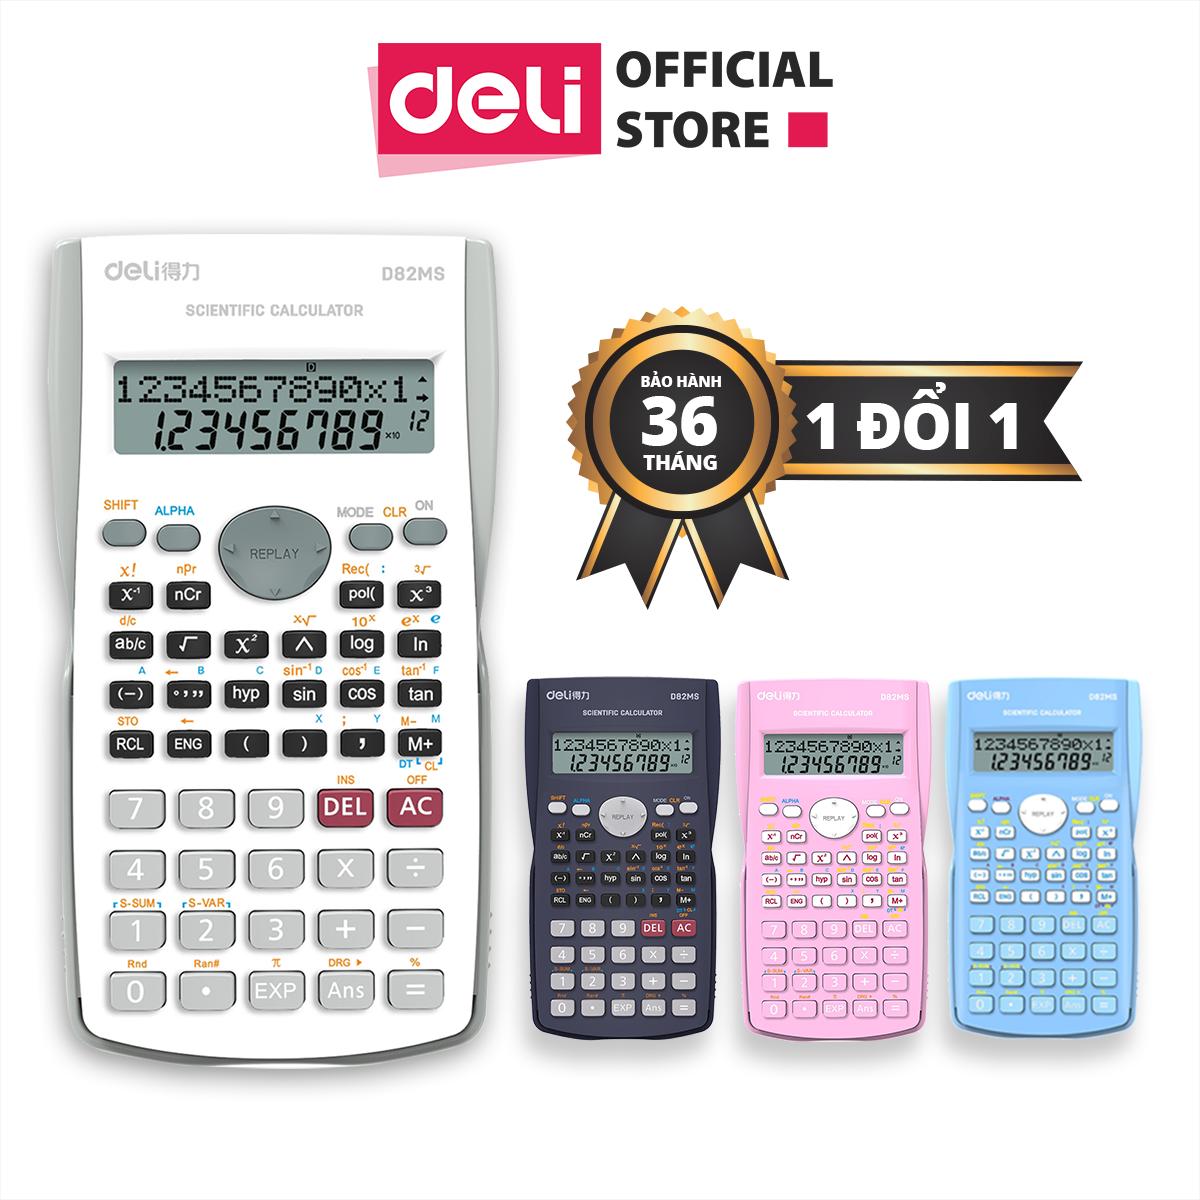 Máy tính kỹ thuật Deli – Đen/Xanh dương/Hồng/Trắng – D82MS